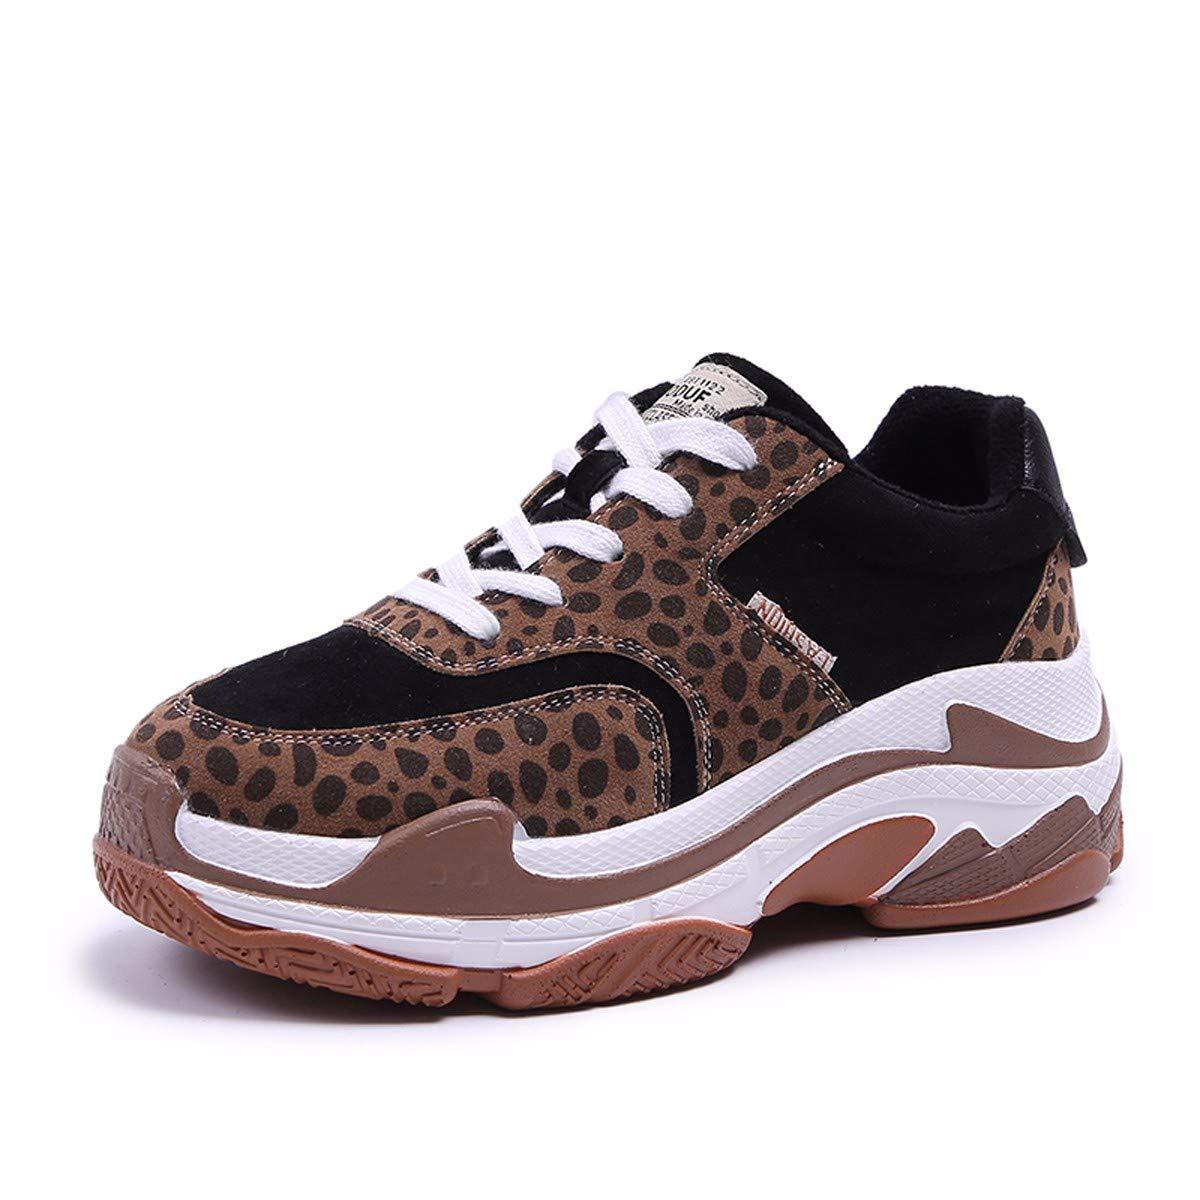 KPHY Damenschuhe/Im Herbst Im Inneren Ist Höher Der Boden Ist Größer Die Alten Schuhe Sind Dünn Die Studenten Die Den Sport Die Lässige Schuhe Und Die Schuhe.